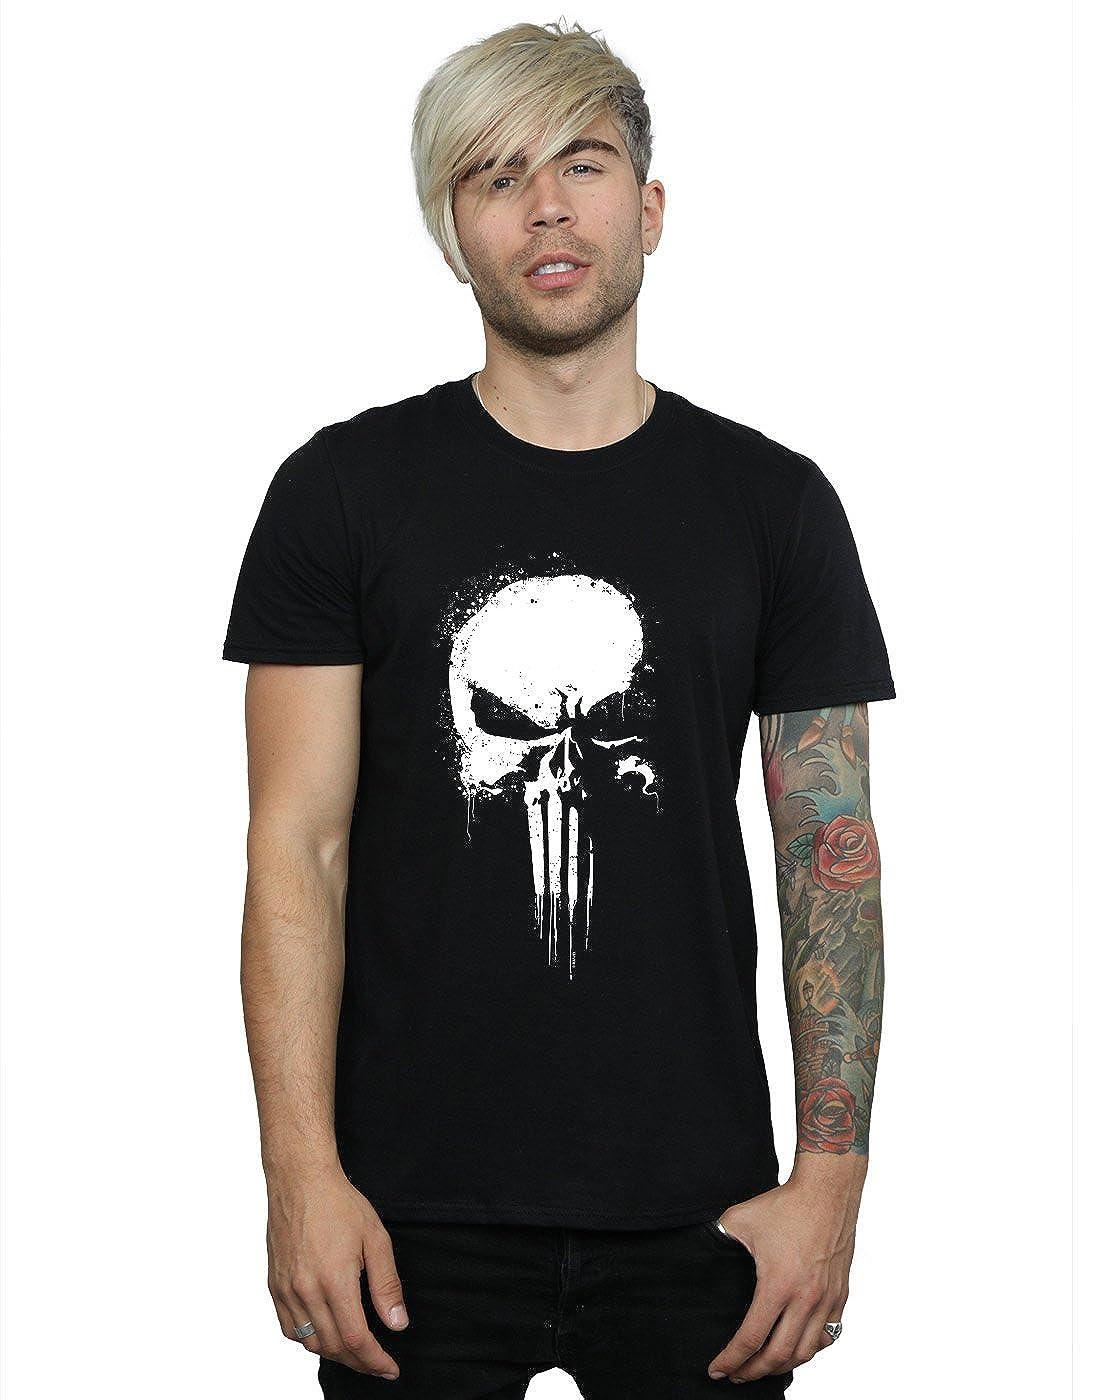 057c9ba0 Amazon.com: Marvel Men's Punisher Spray Skull T-Shirt: Clothing